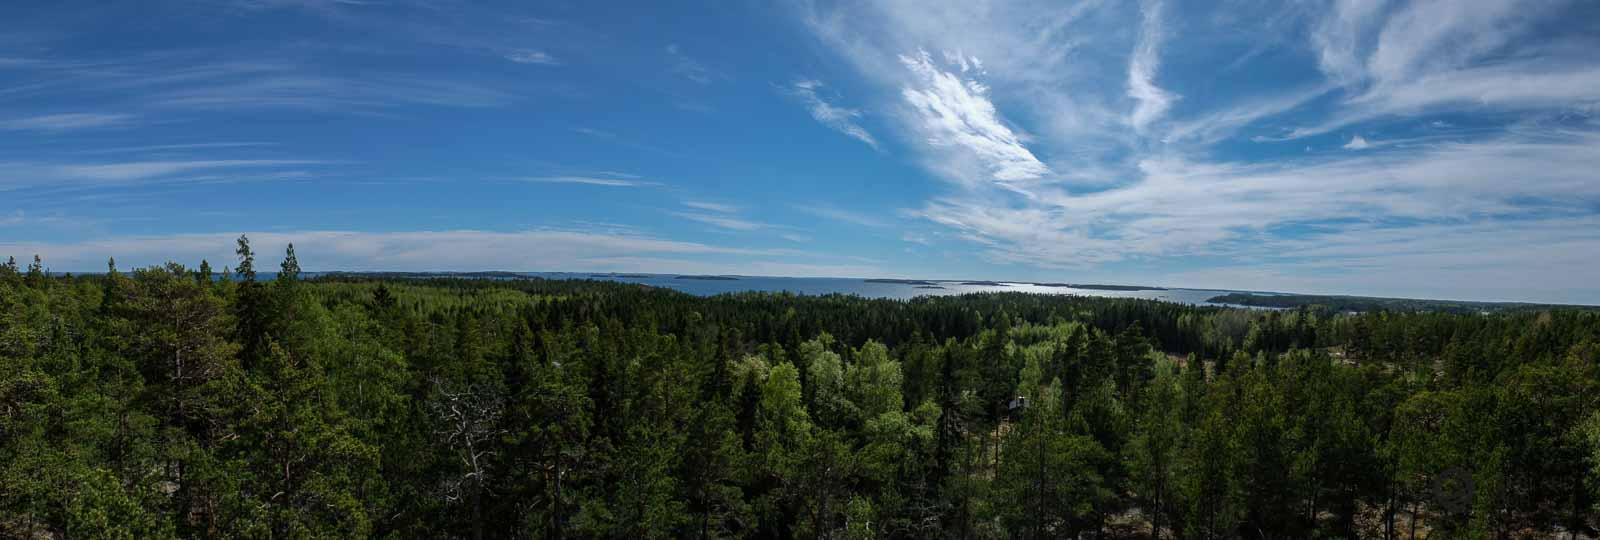 Die Insel Kirjais - Ein Blick vom wunderbaren Aussichtsturm